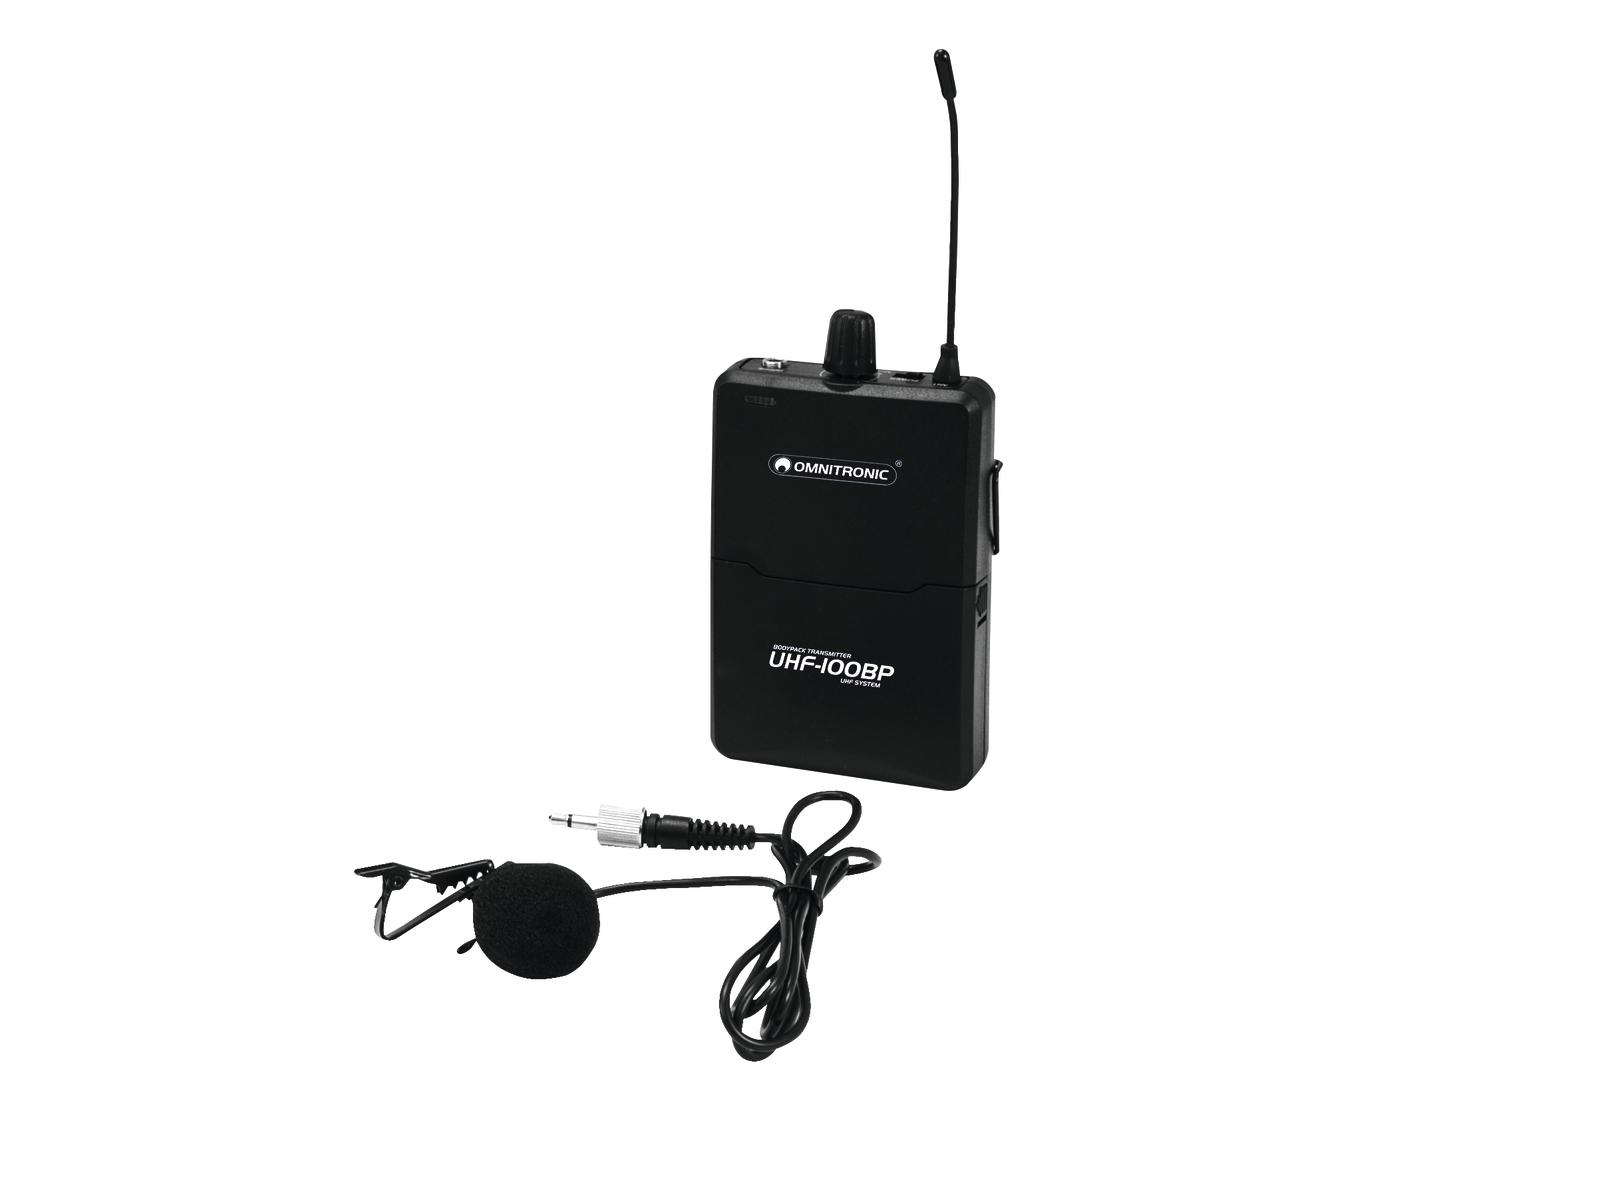 Omnitronic UHF-100 BP, kapesní vysílač 863.8MHz a klopový mikrofon